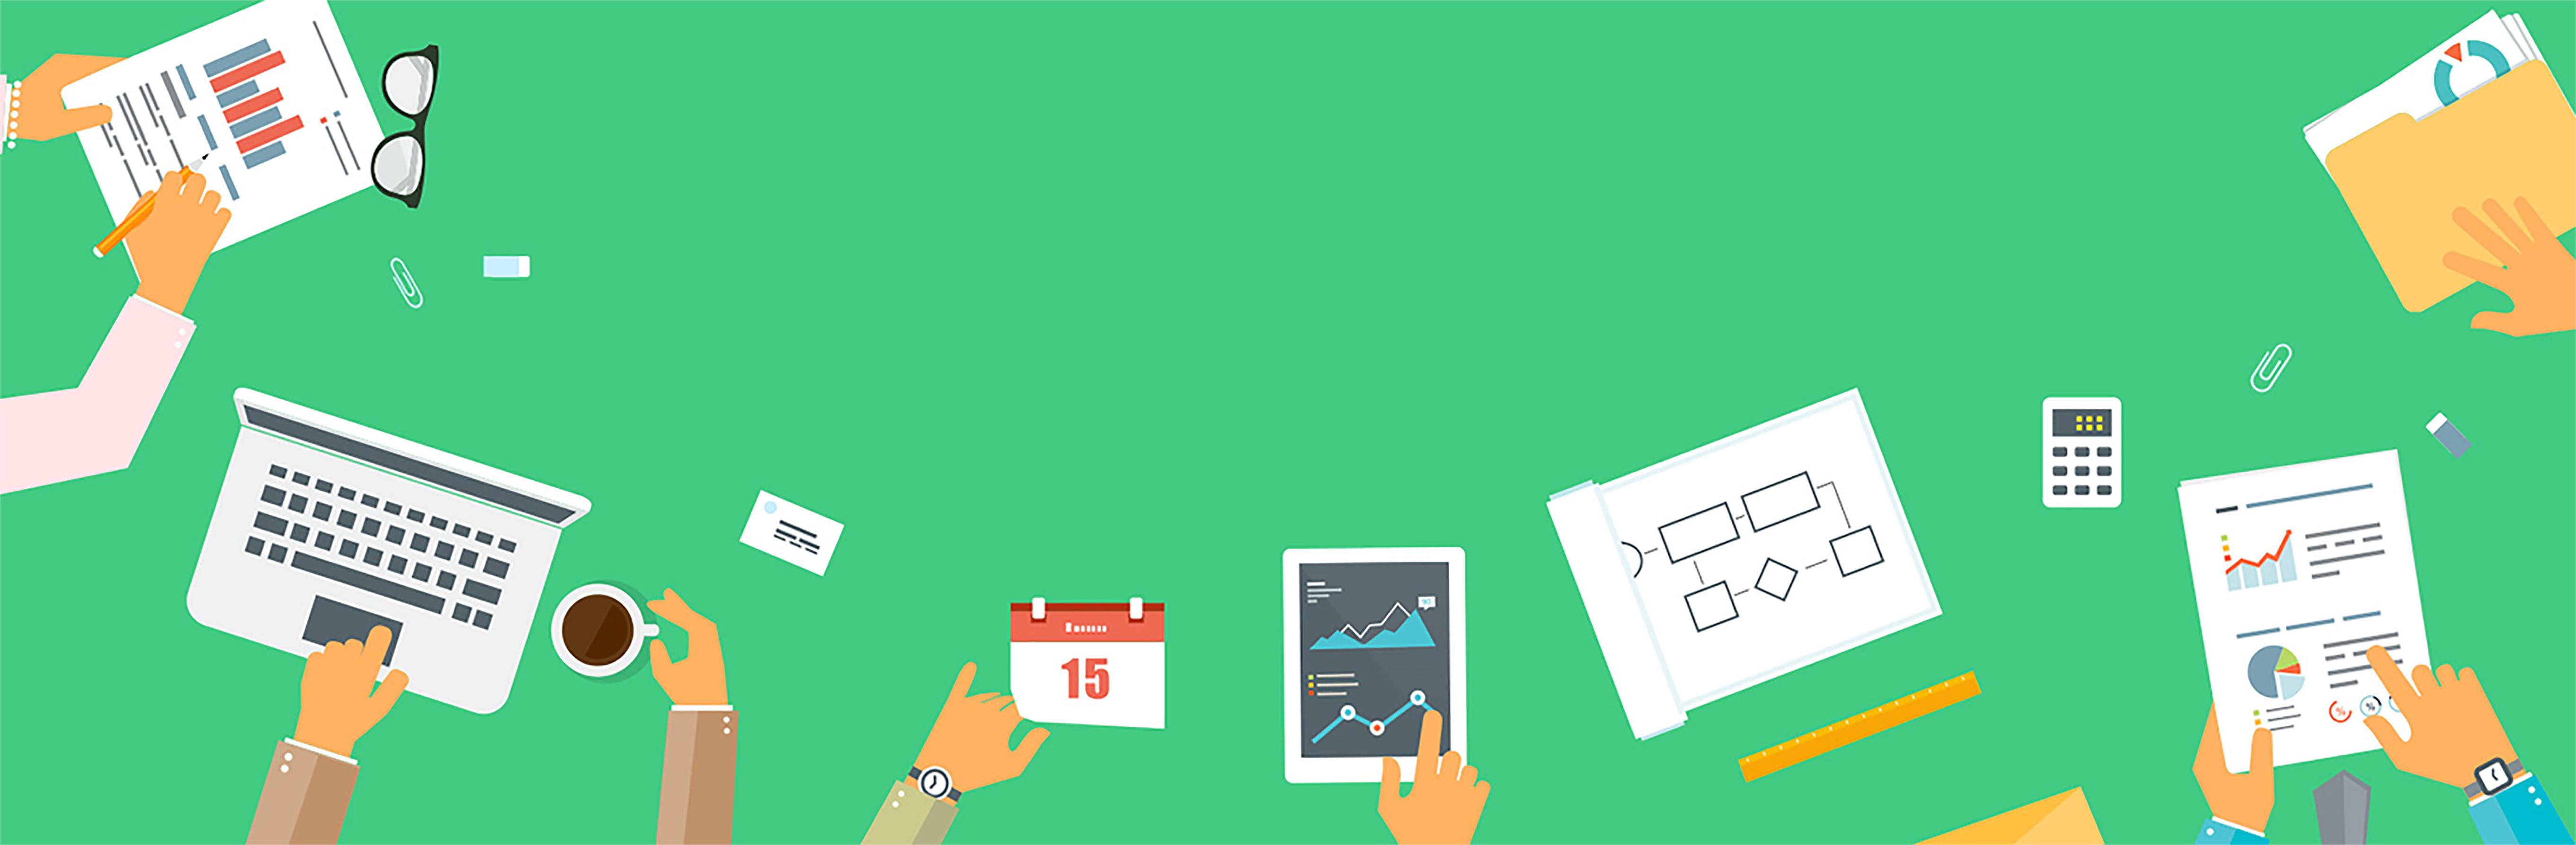 5 bí quyết tạo nên ấn tượng lâu dài cho quảng cáo - Wiki Marketing PR  Thương hiệu Việt Nam